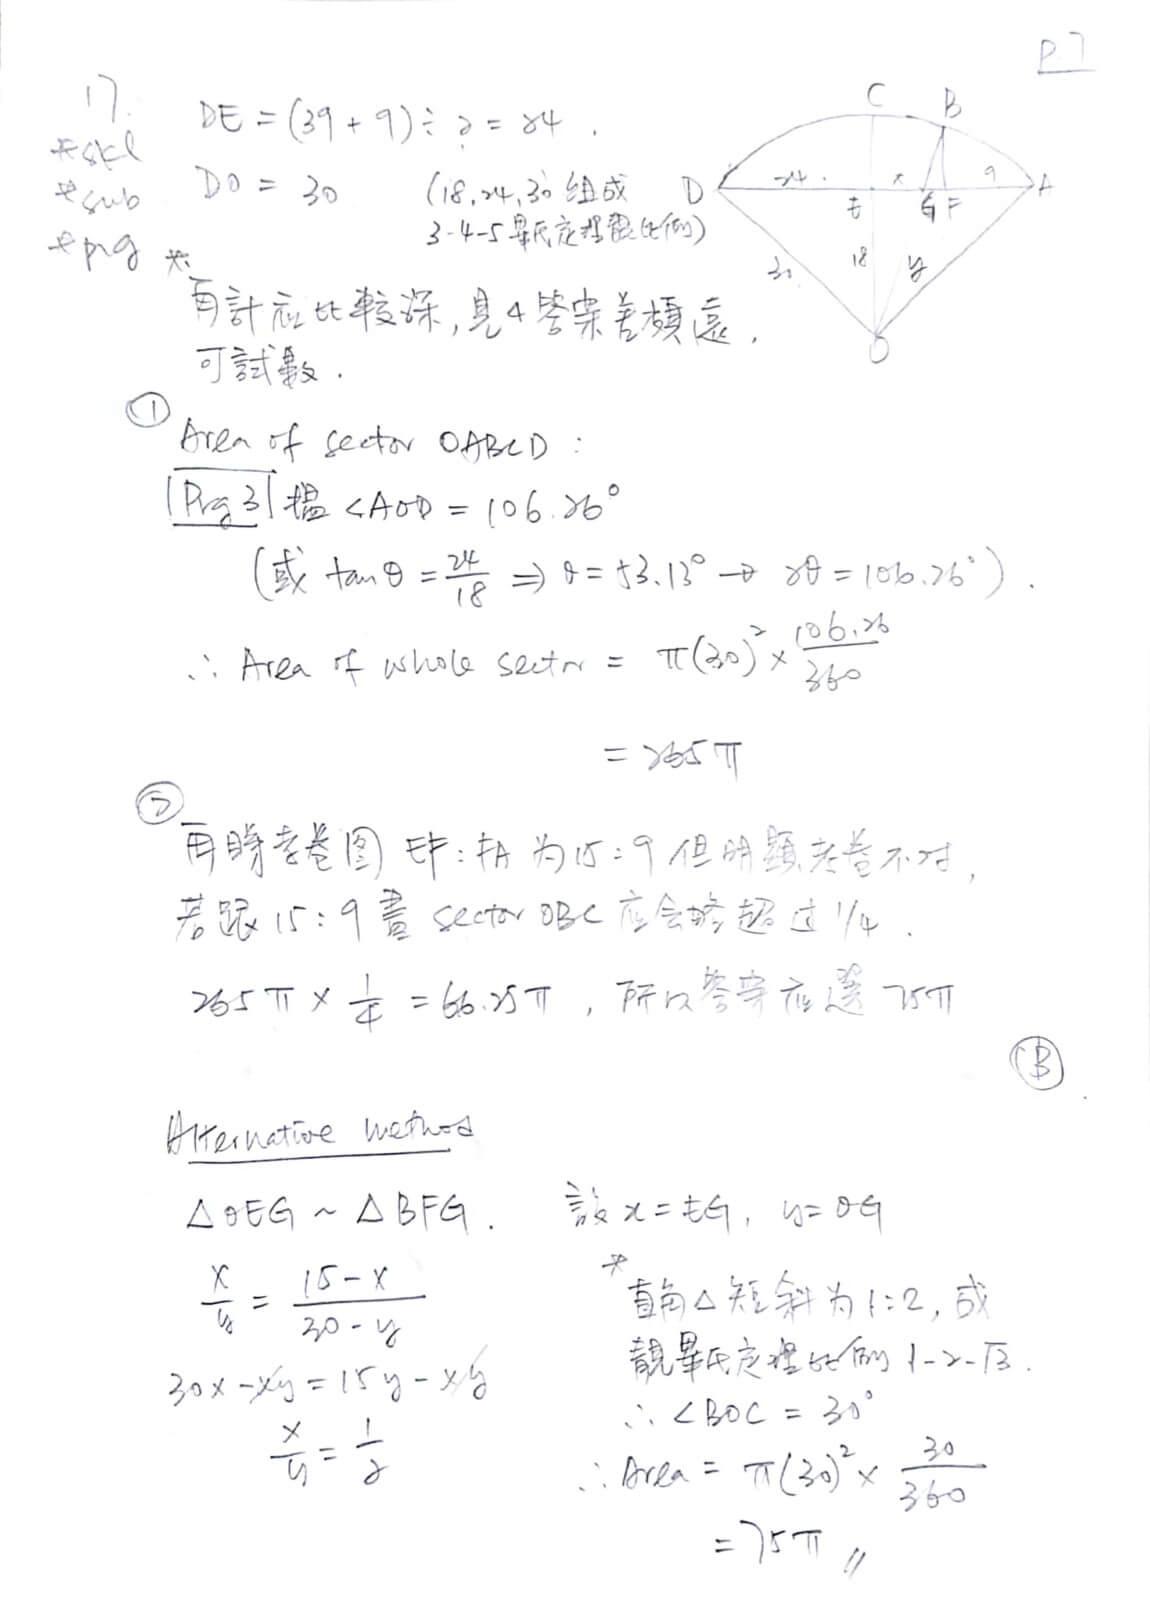 2018 DSE 數學卷二(MC) 詳細答案 Q17